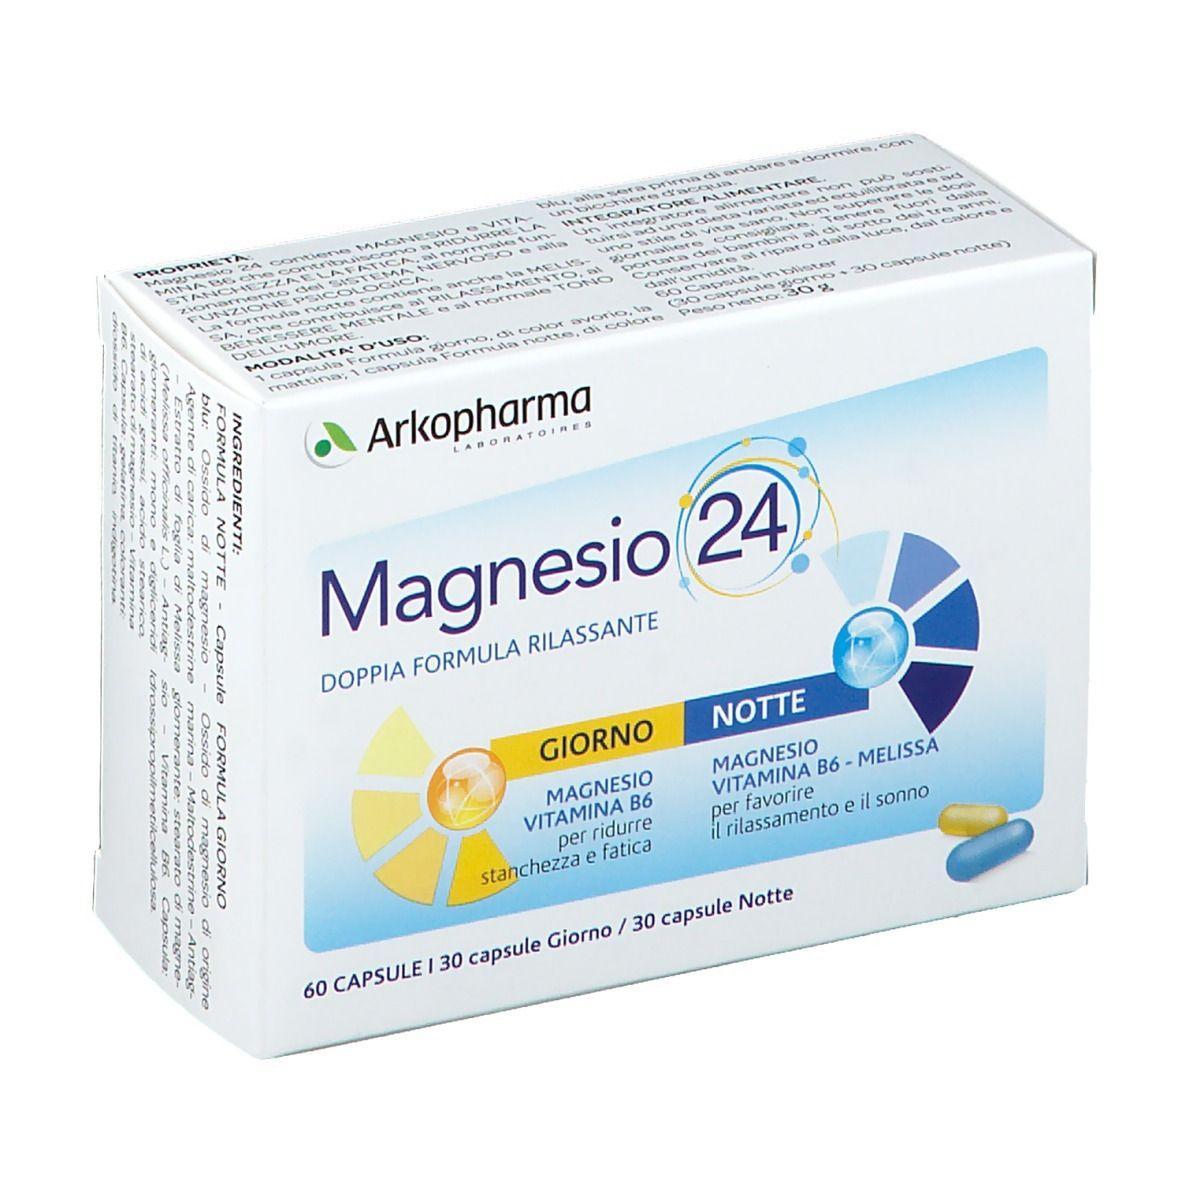 Magnesio 24®